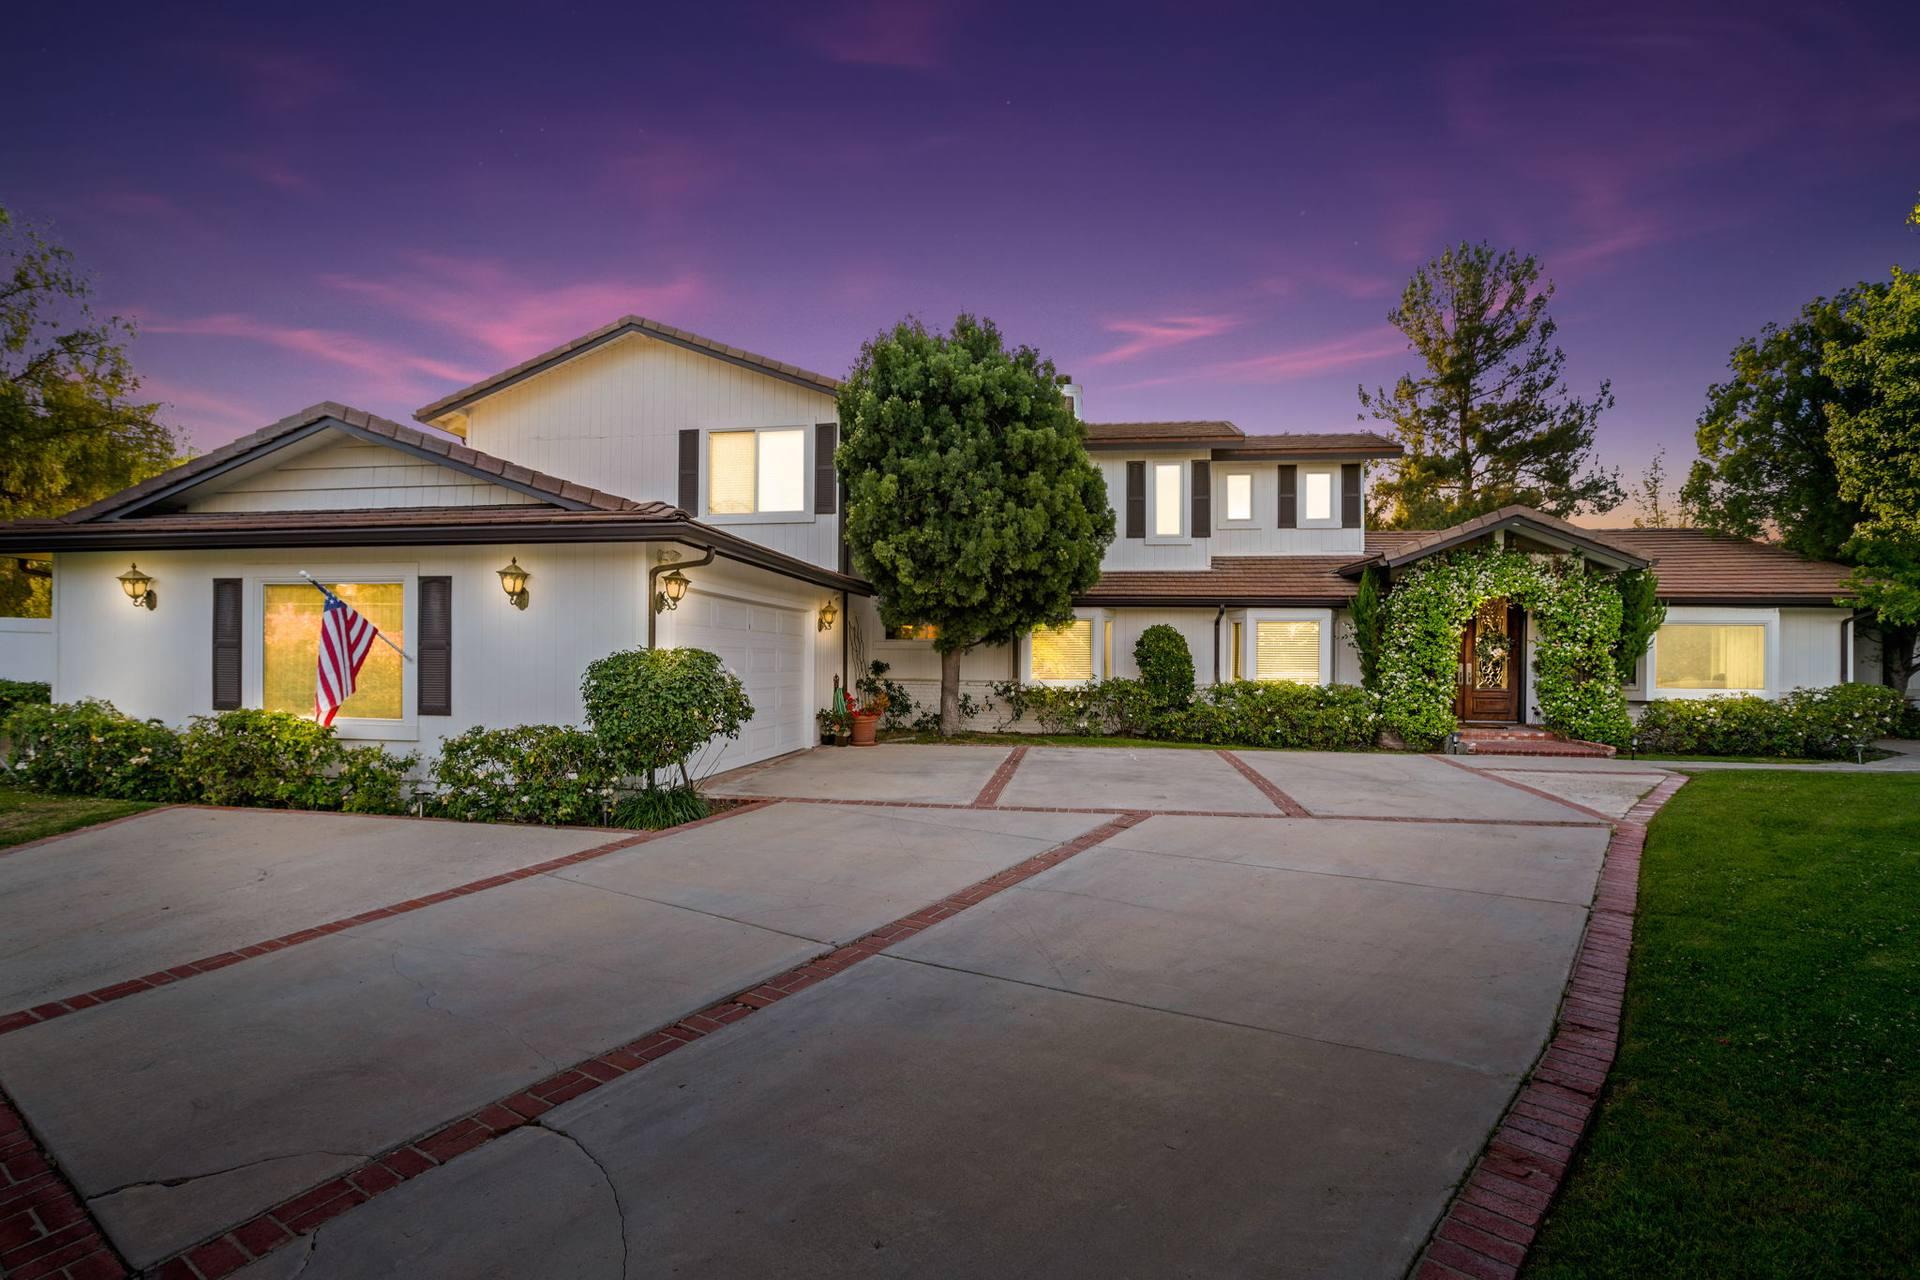 5845 Hilltop Rd, Hidden Hills, CA 91302, US